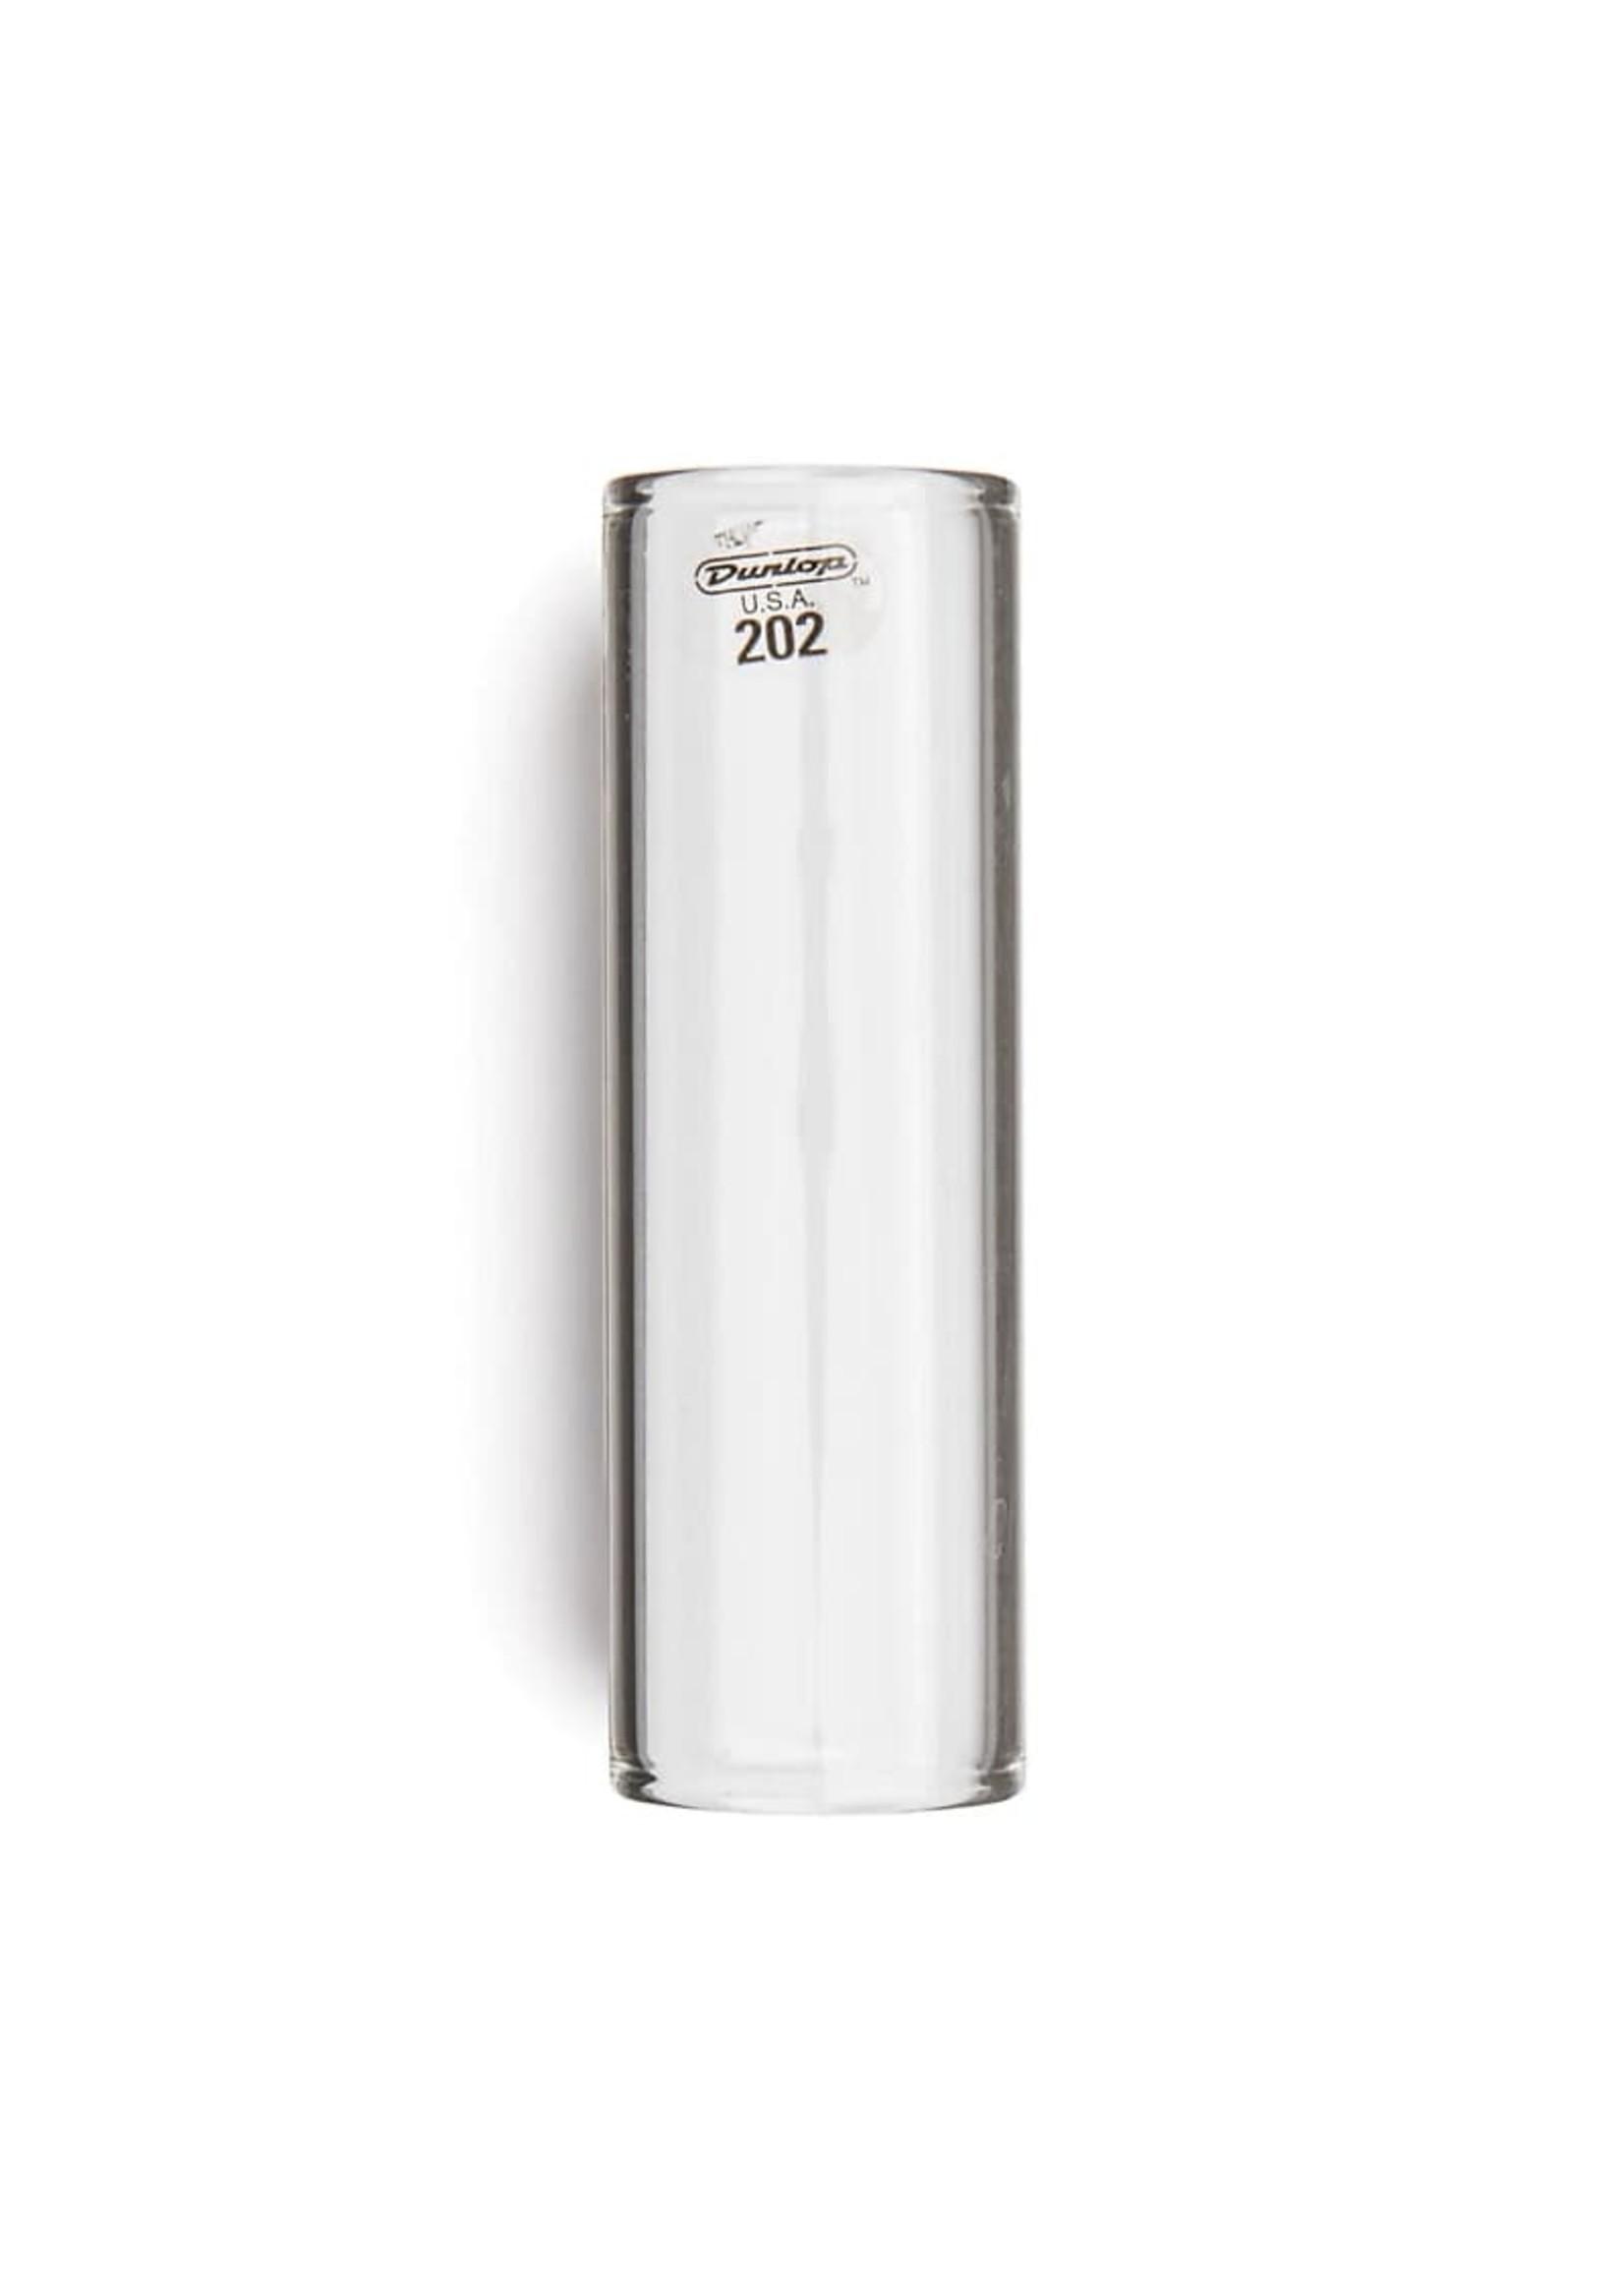 Dunlop Dunlop 202 REGULAR WALL MEDIUM GLASS SLIDE